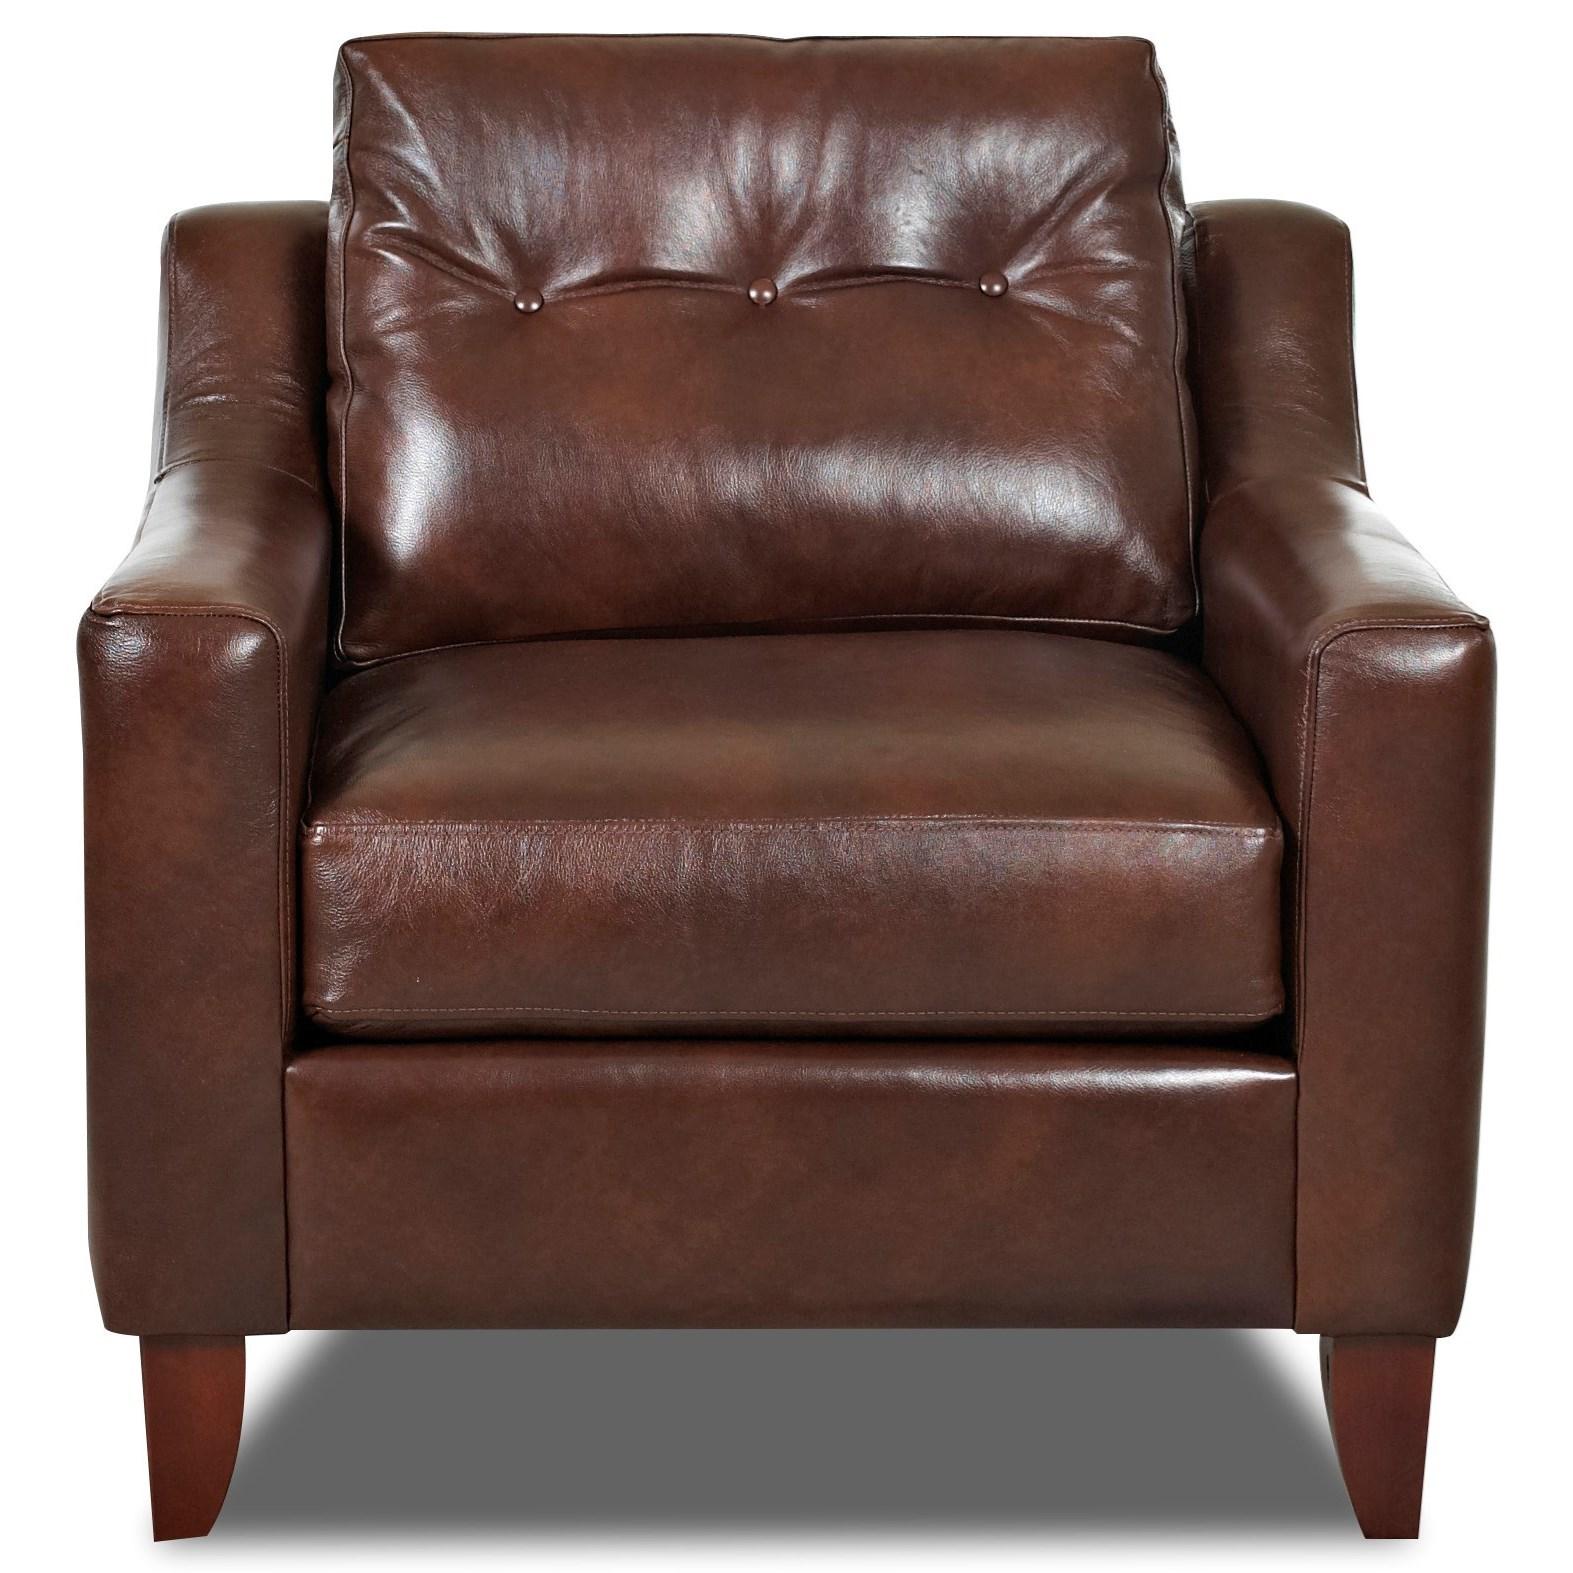 Klaussner Audrina Chair - Item Number: K31600 C-ASPEN WALNUT